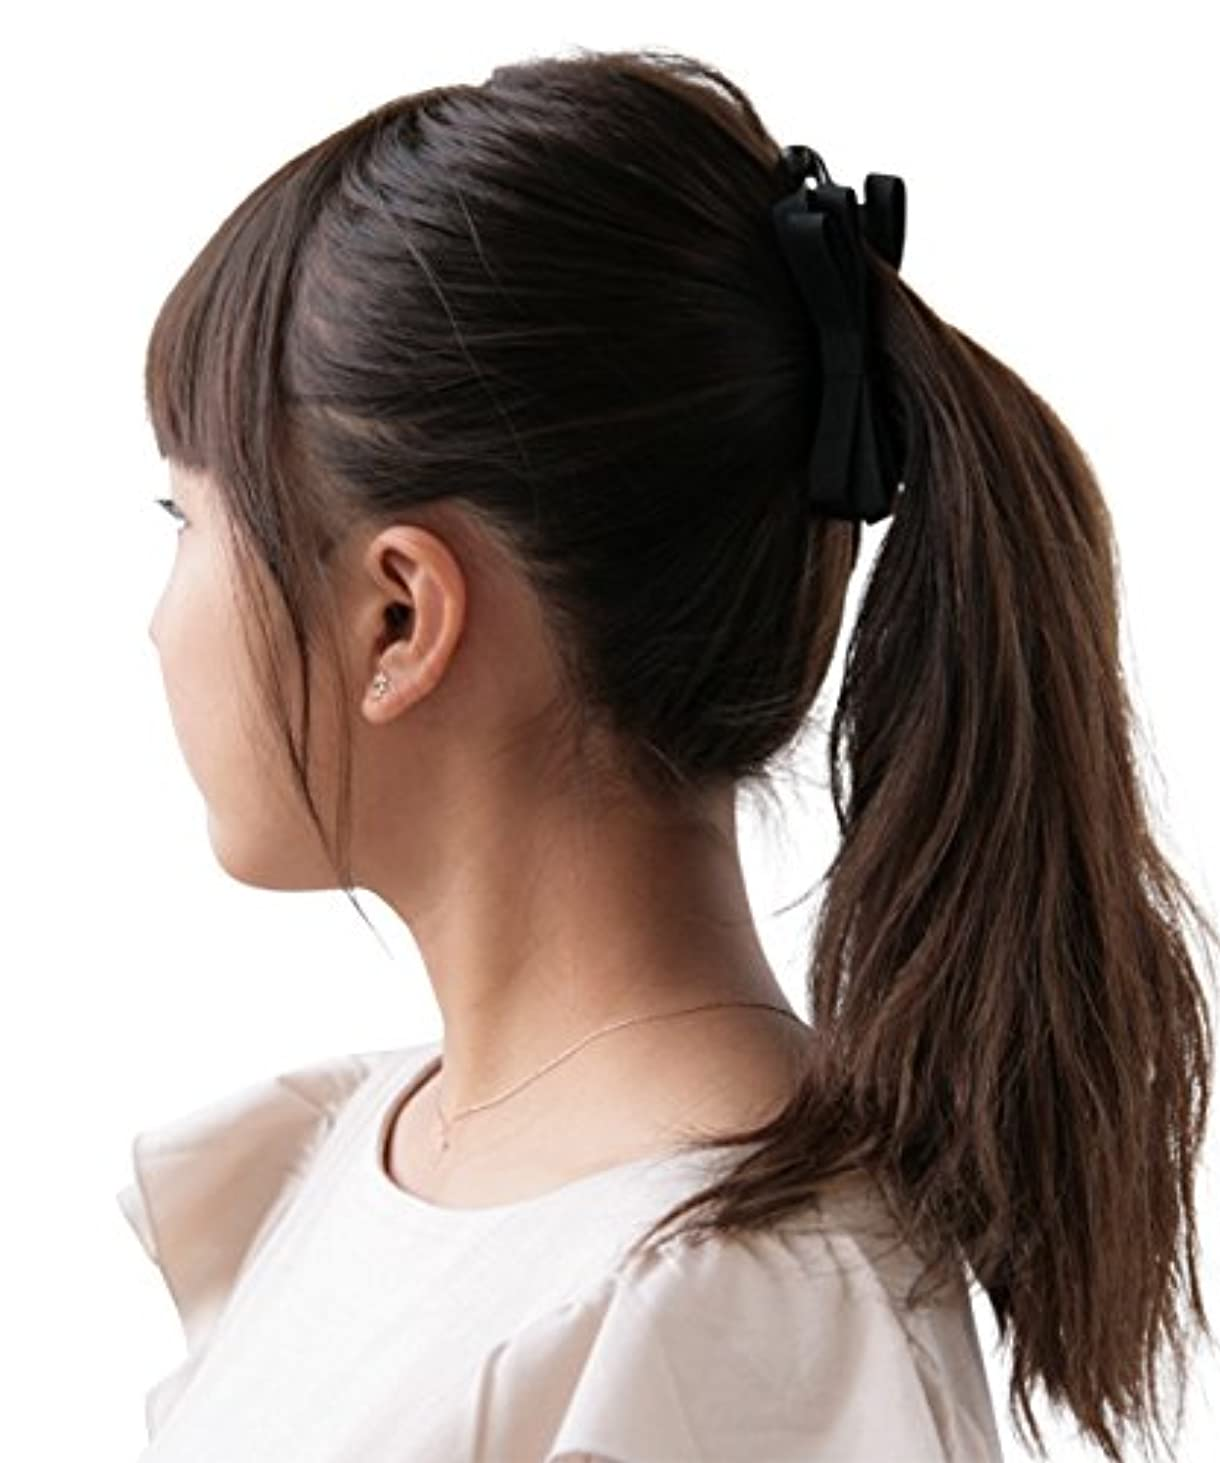 期限切れに対応する嫌いボナバンチュール(Bonaventure) ミルフィーユ リボン バナナクリップ グログラン 小さめ レディース ヘアアクセサリー 人気 ブランド ヘアクリップ 髪留め ブラック